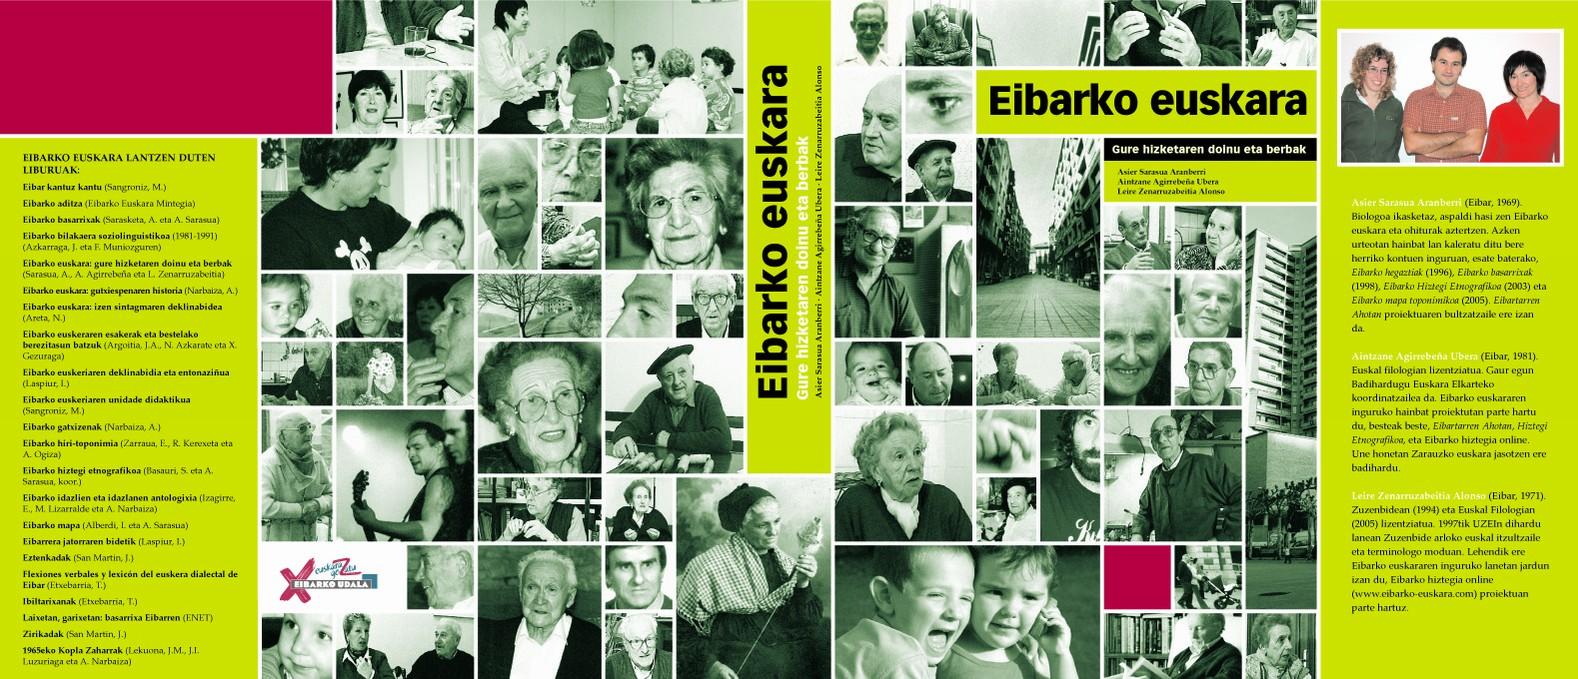 Eibarko euskara liburua (azala) 02